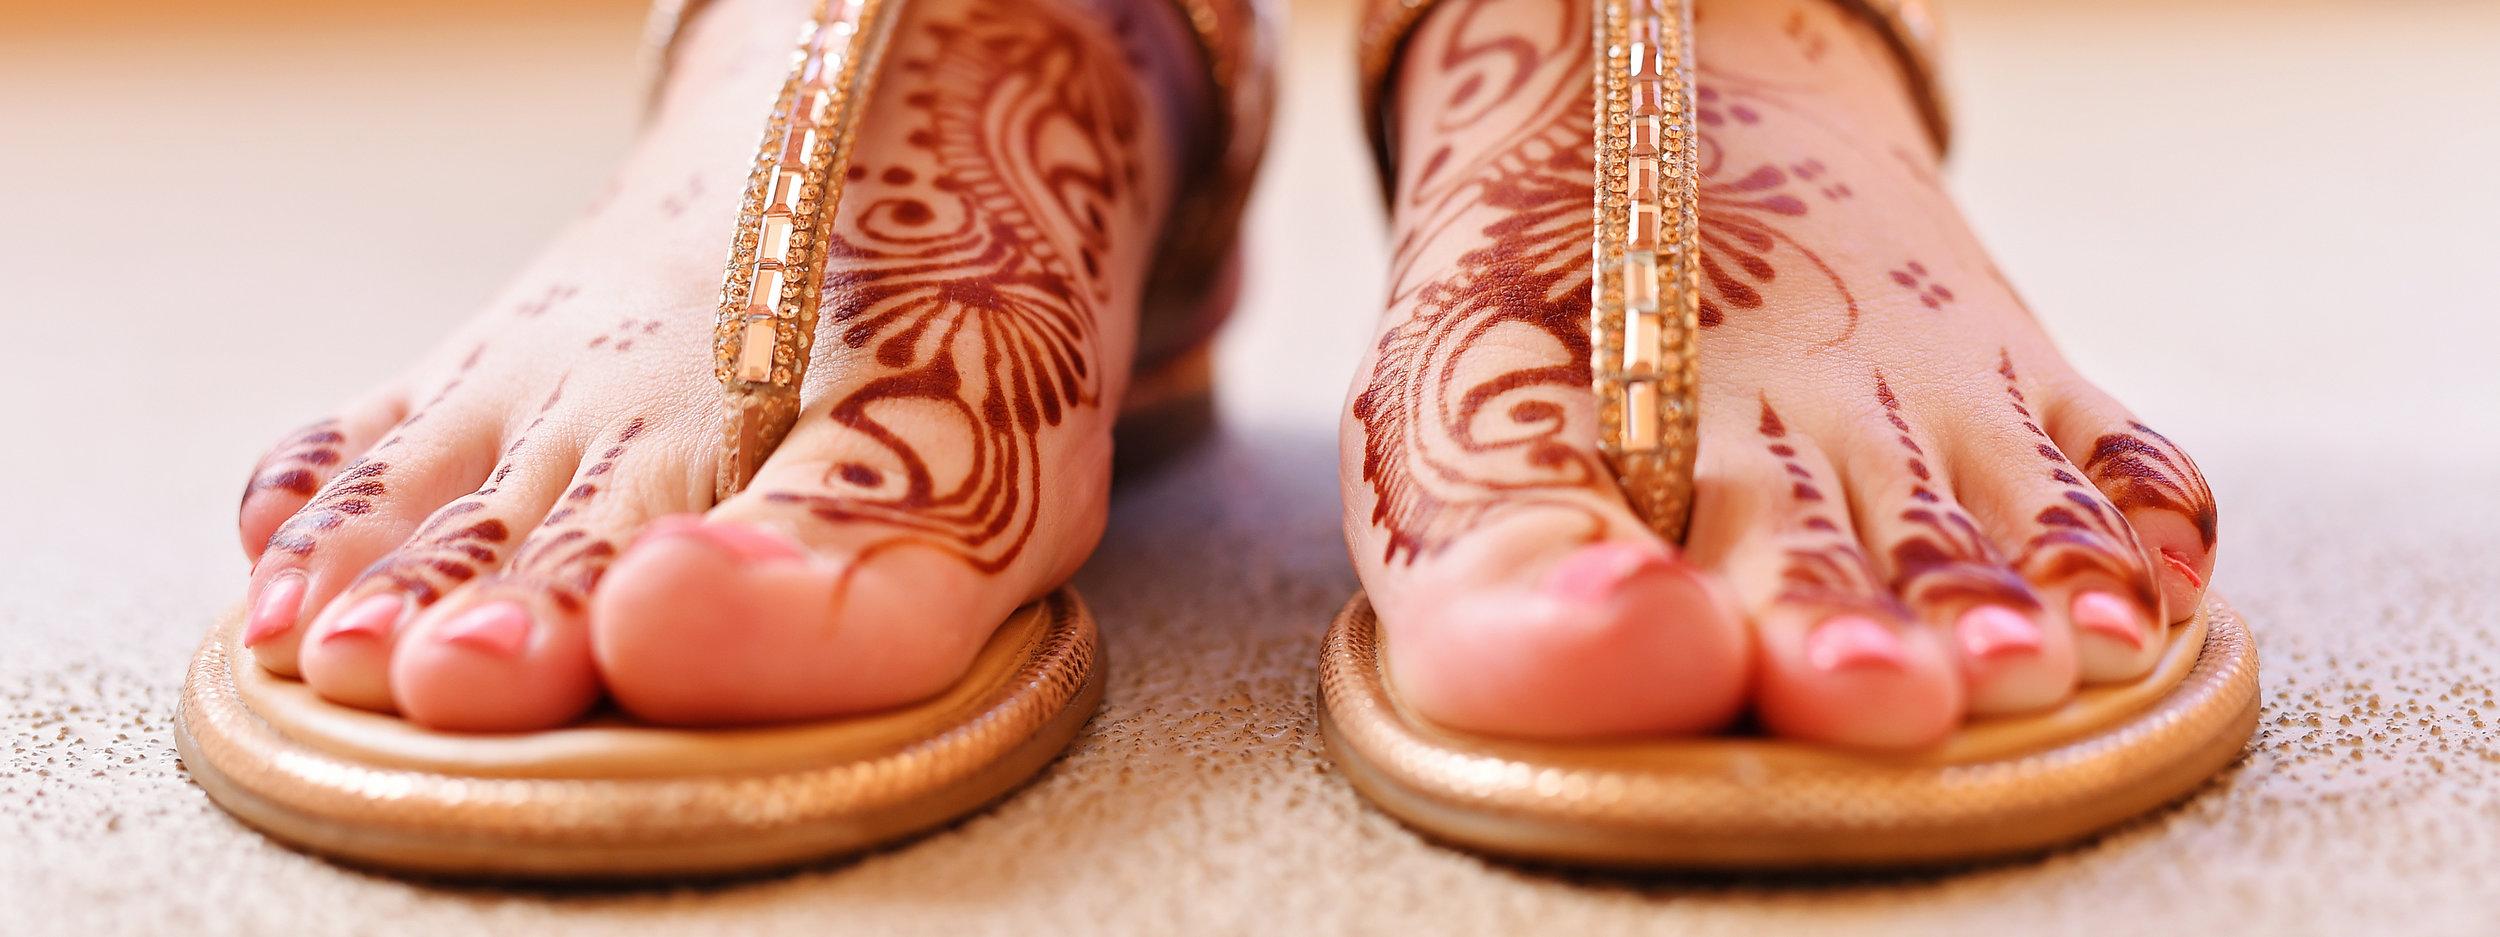 Indian Weddings - USVI Indian Weddings